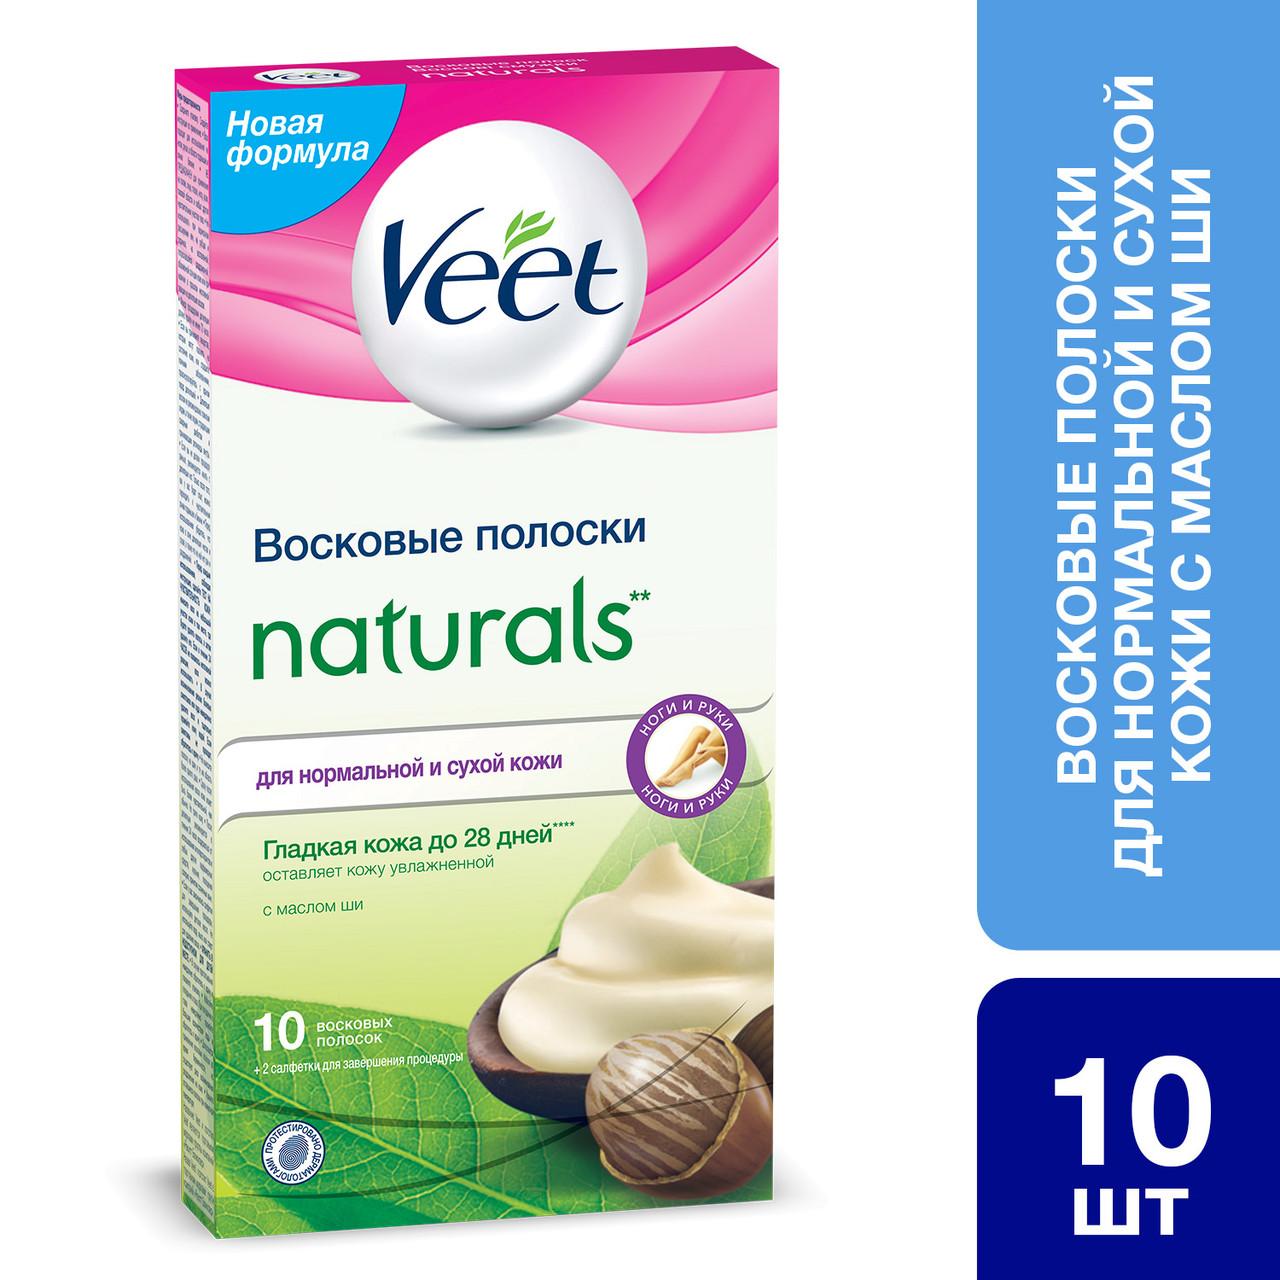 Восковые полоски Veet Naturals с маслом ши  (для нормальной и сухой кожи) 10 шт